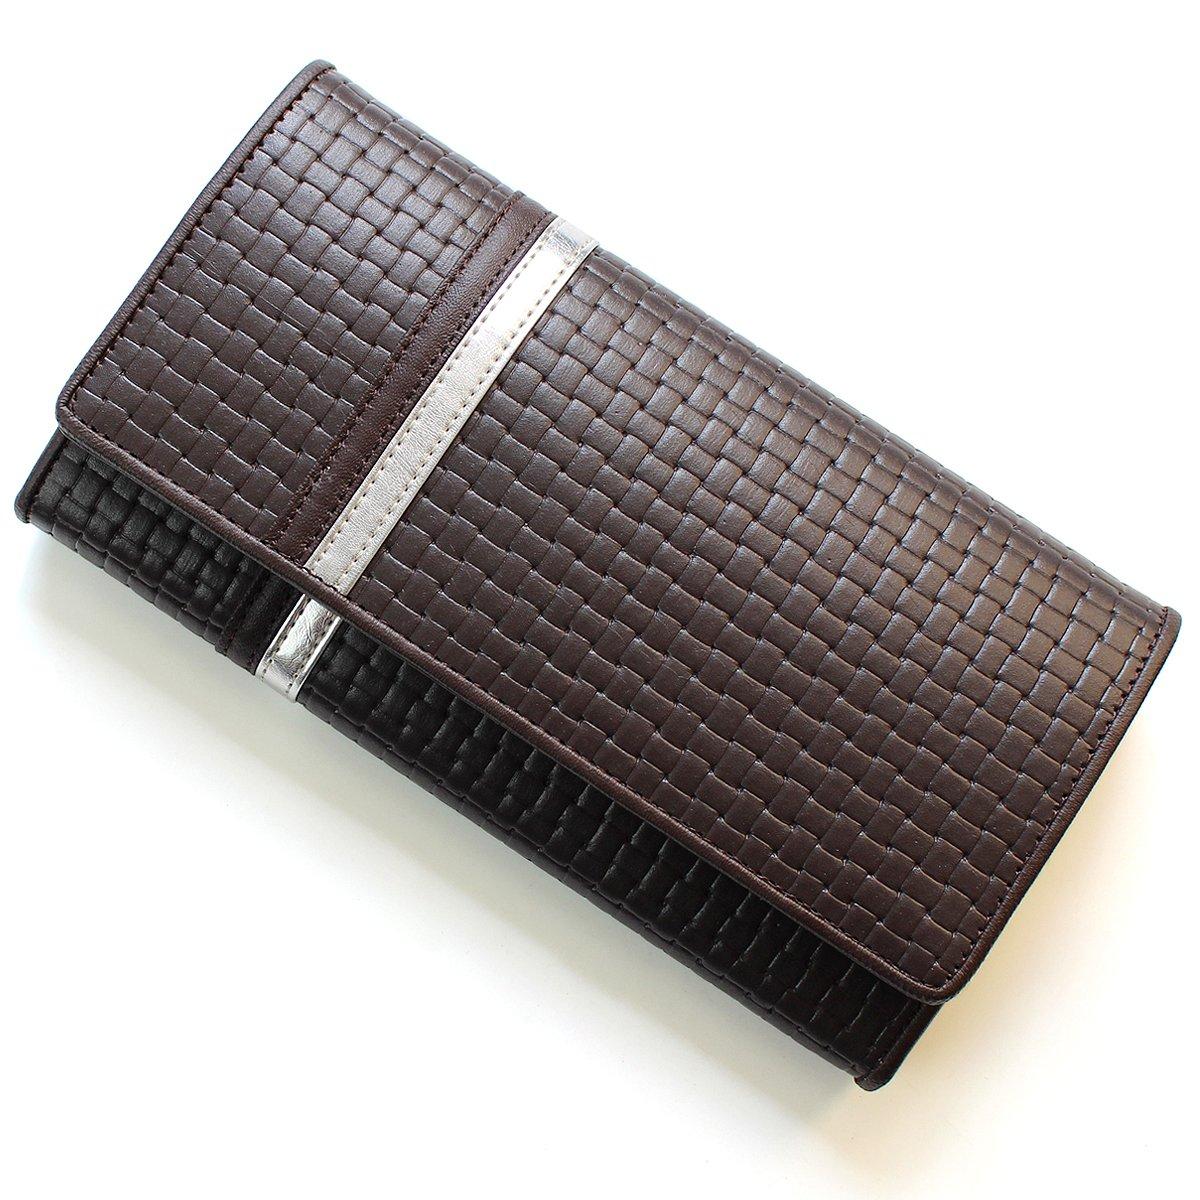 [ディアブロ] DIABLO 長財布 大容量 型押し ライン 折り 【KA-1169】 B004C8SKQM ブラウン×メタリックシルバー ブラウン×メタリックシルバー